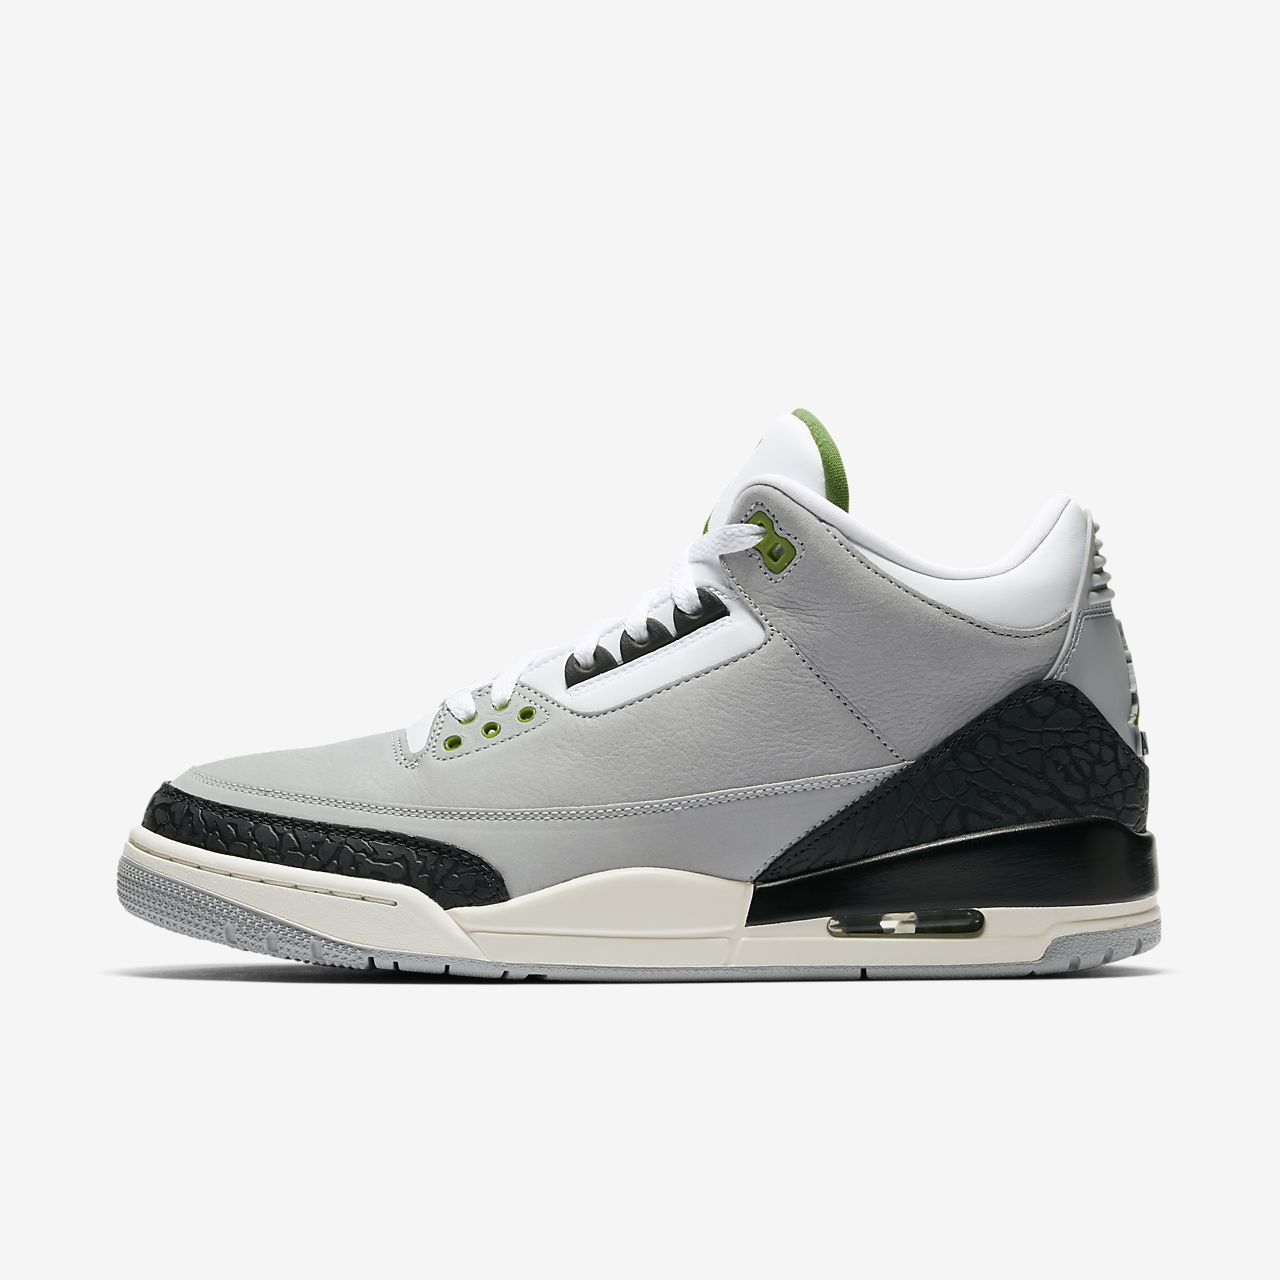 sports shoes 7001d 11c79 ... Chaussure Air Jordan 3 Retro pour Homme